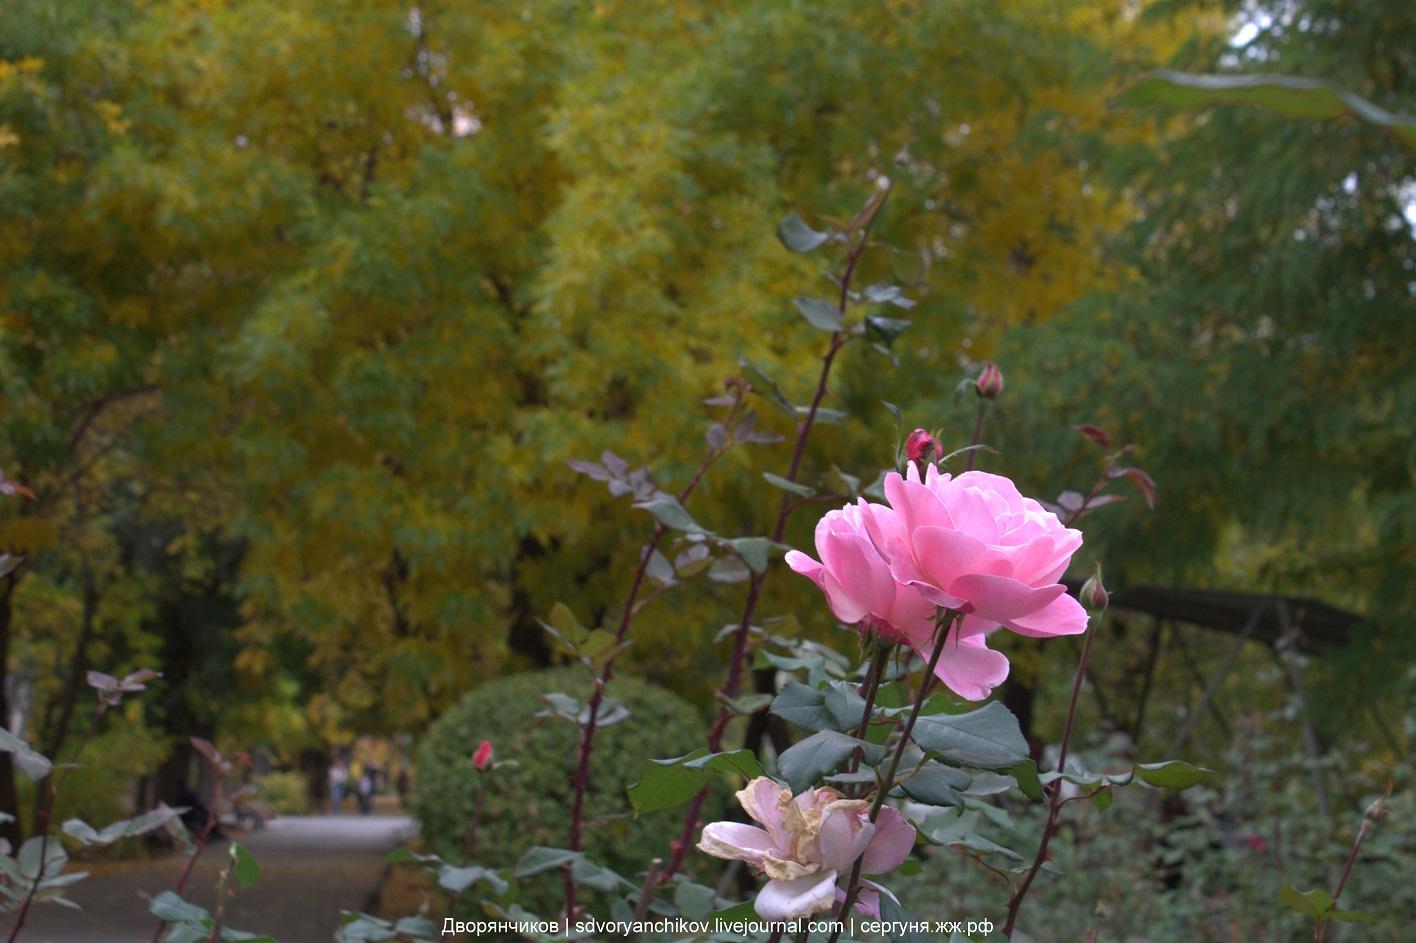 Осень и роза - 7 октября 2016 парк ВГС